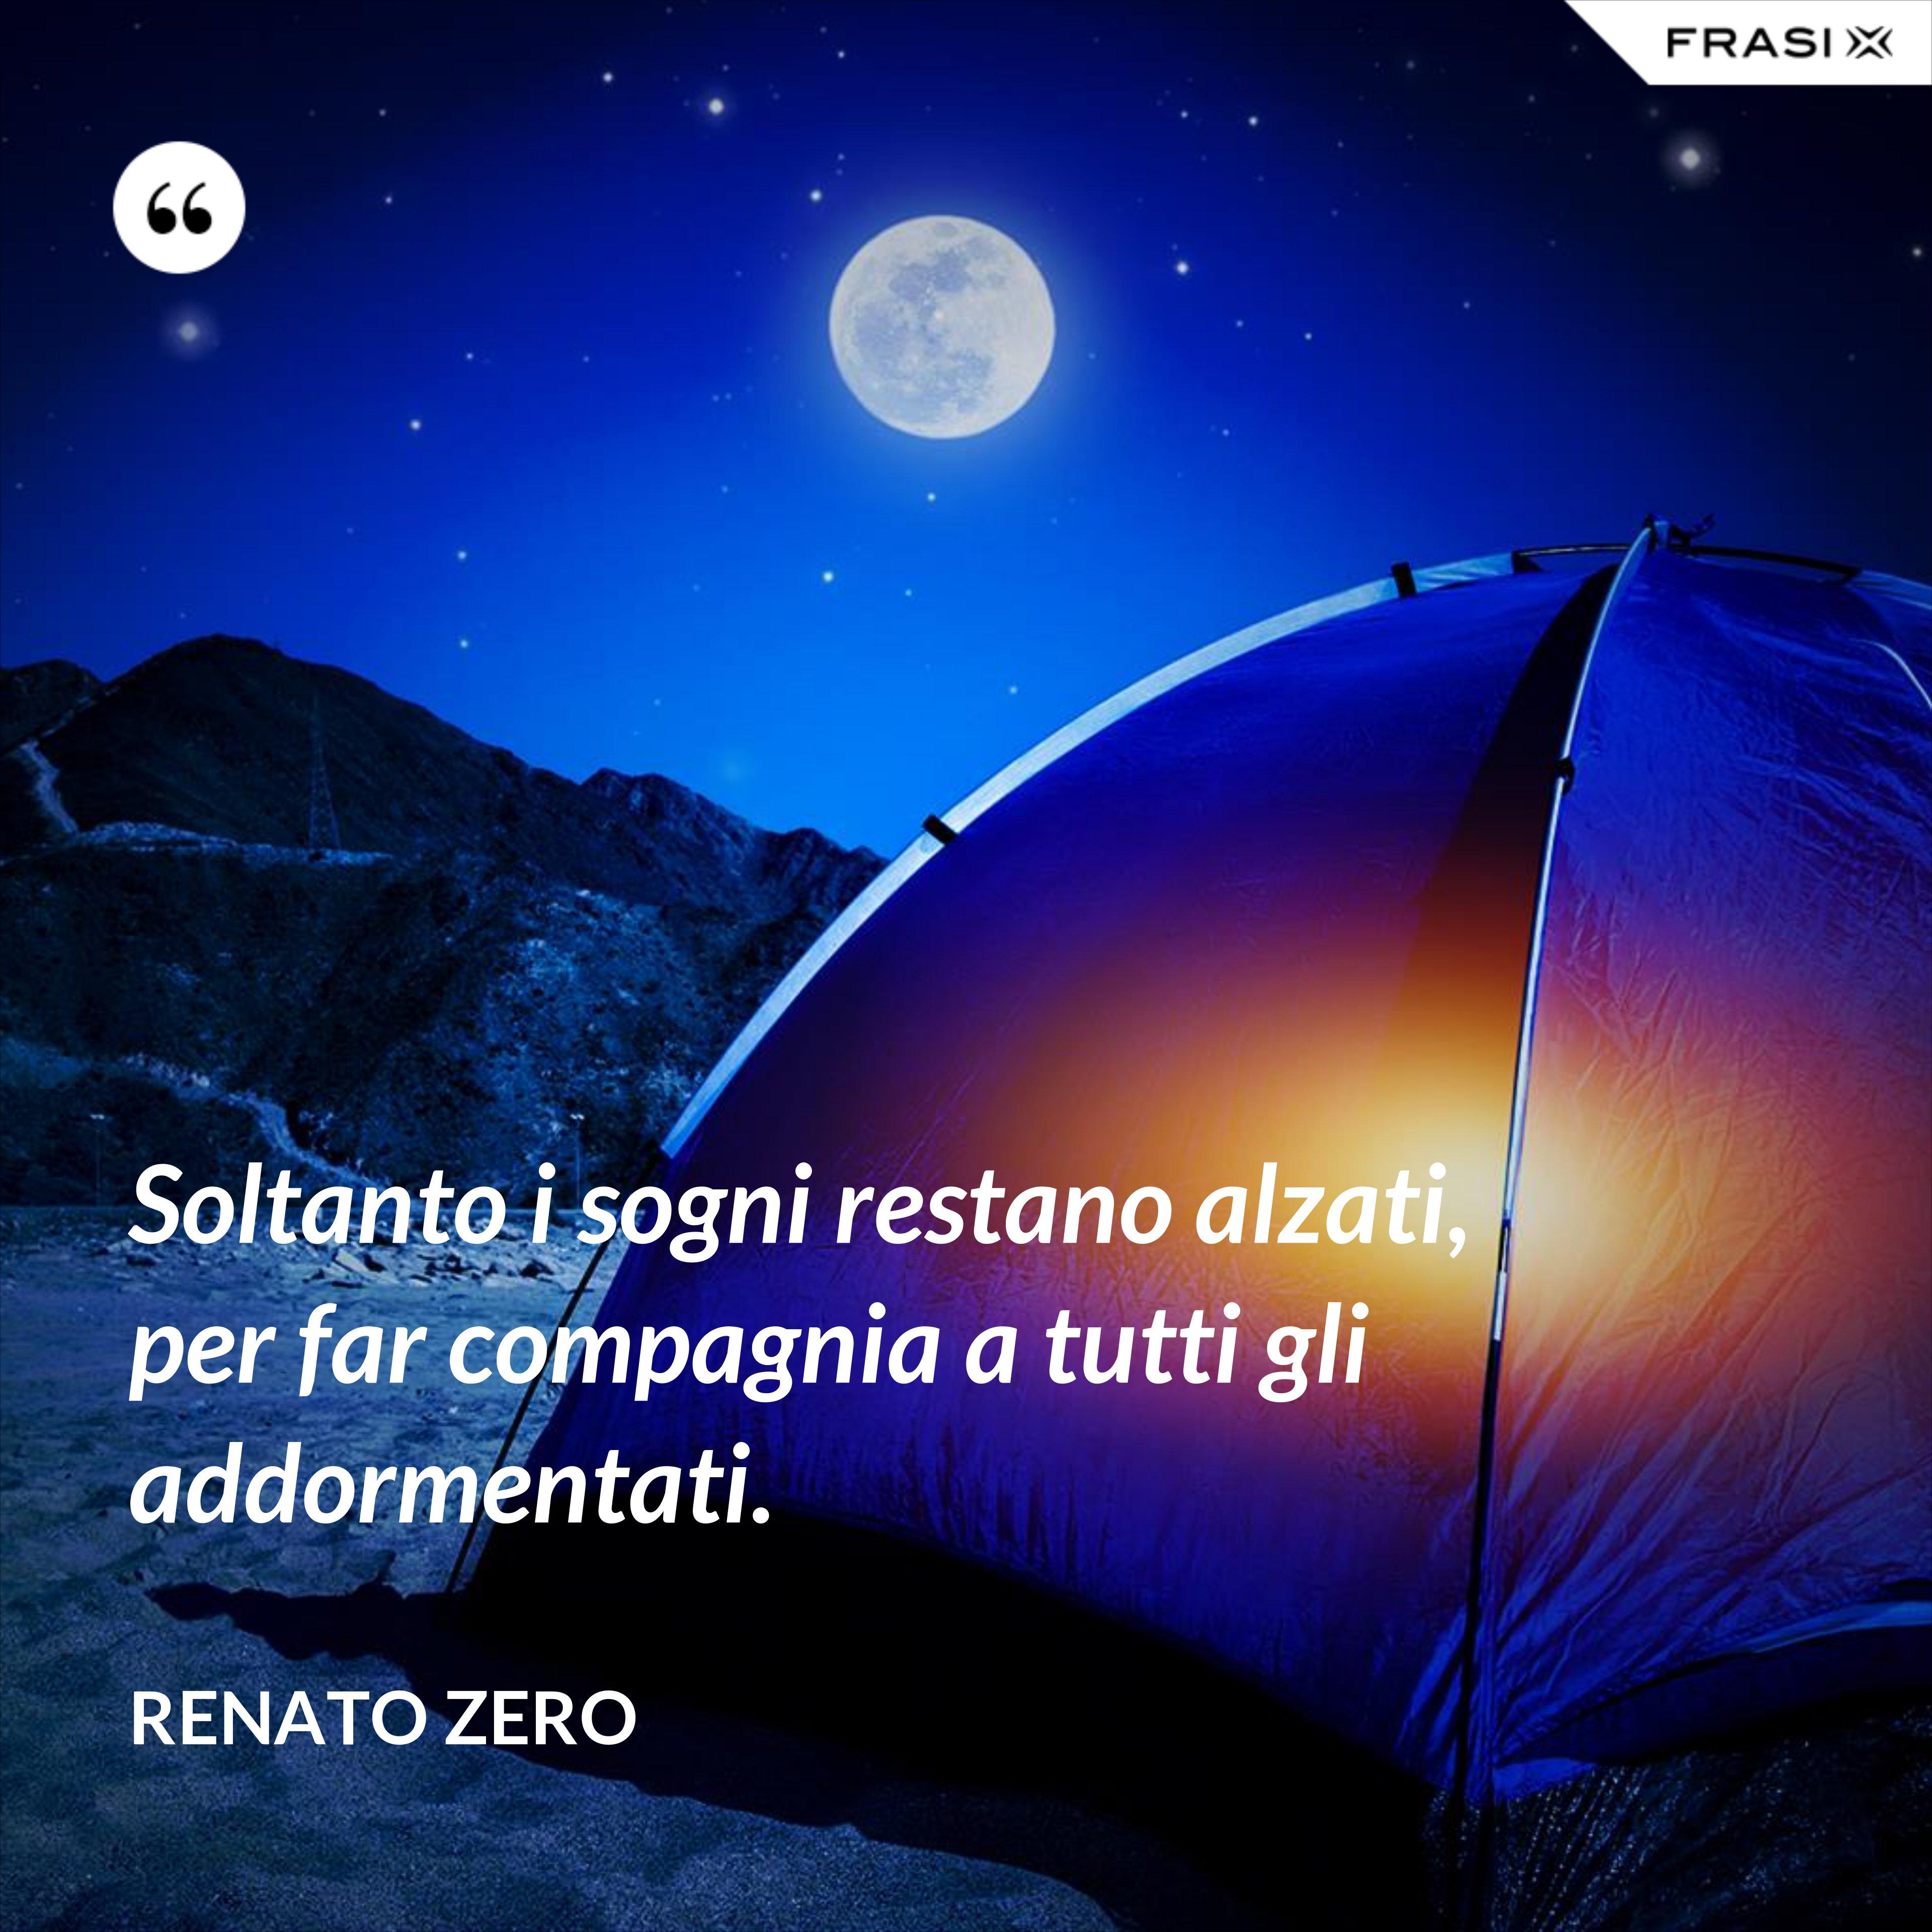 Soltanto i sogni restano alzati, per far compagnia a tutti gli addormentati. - Renato Zero